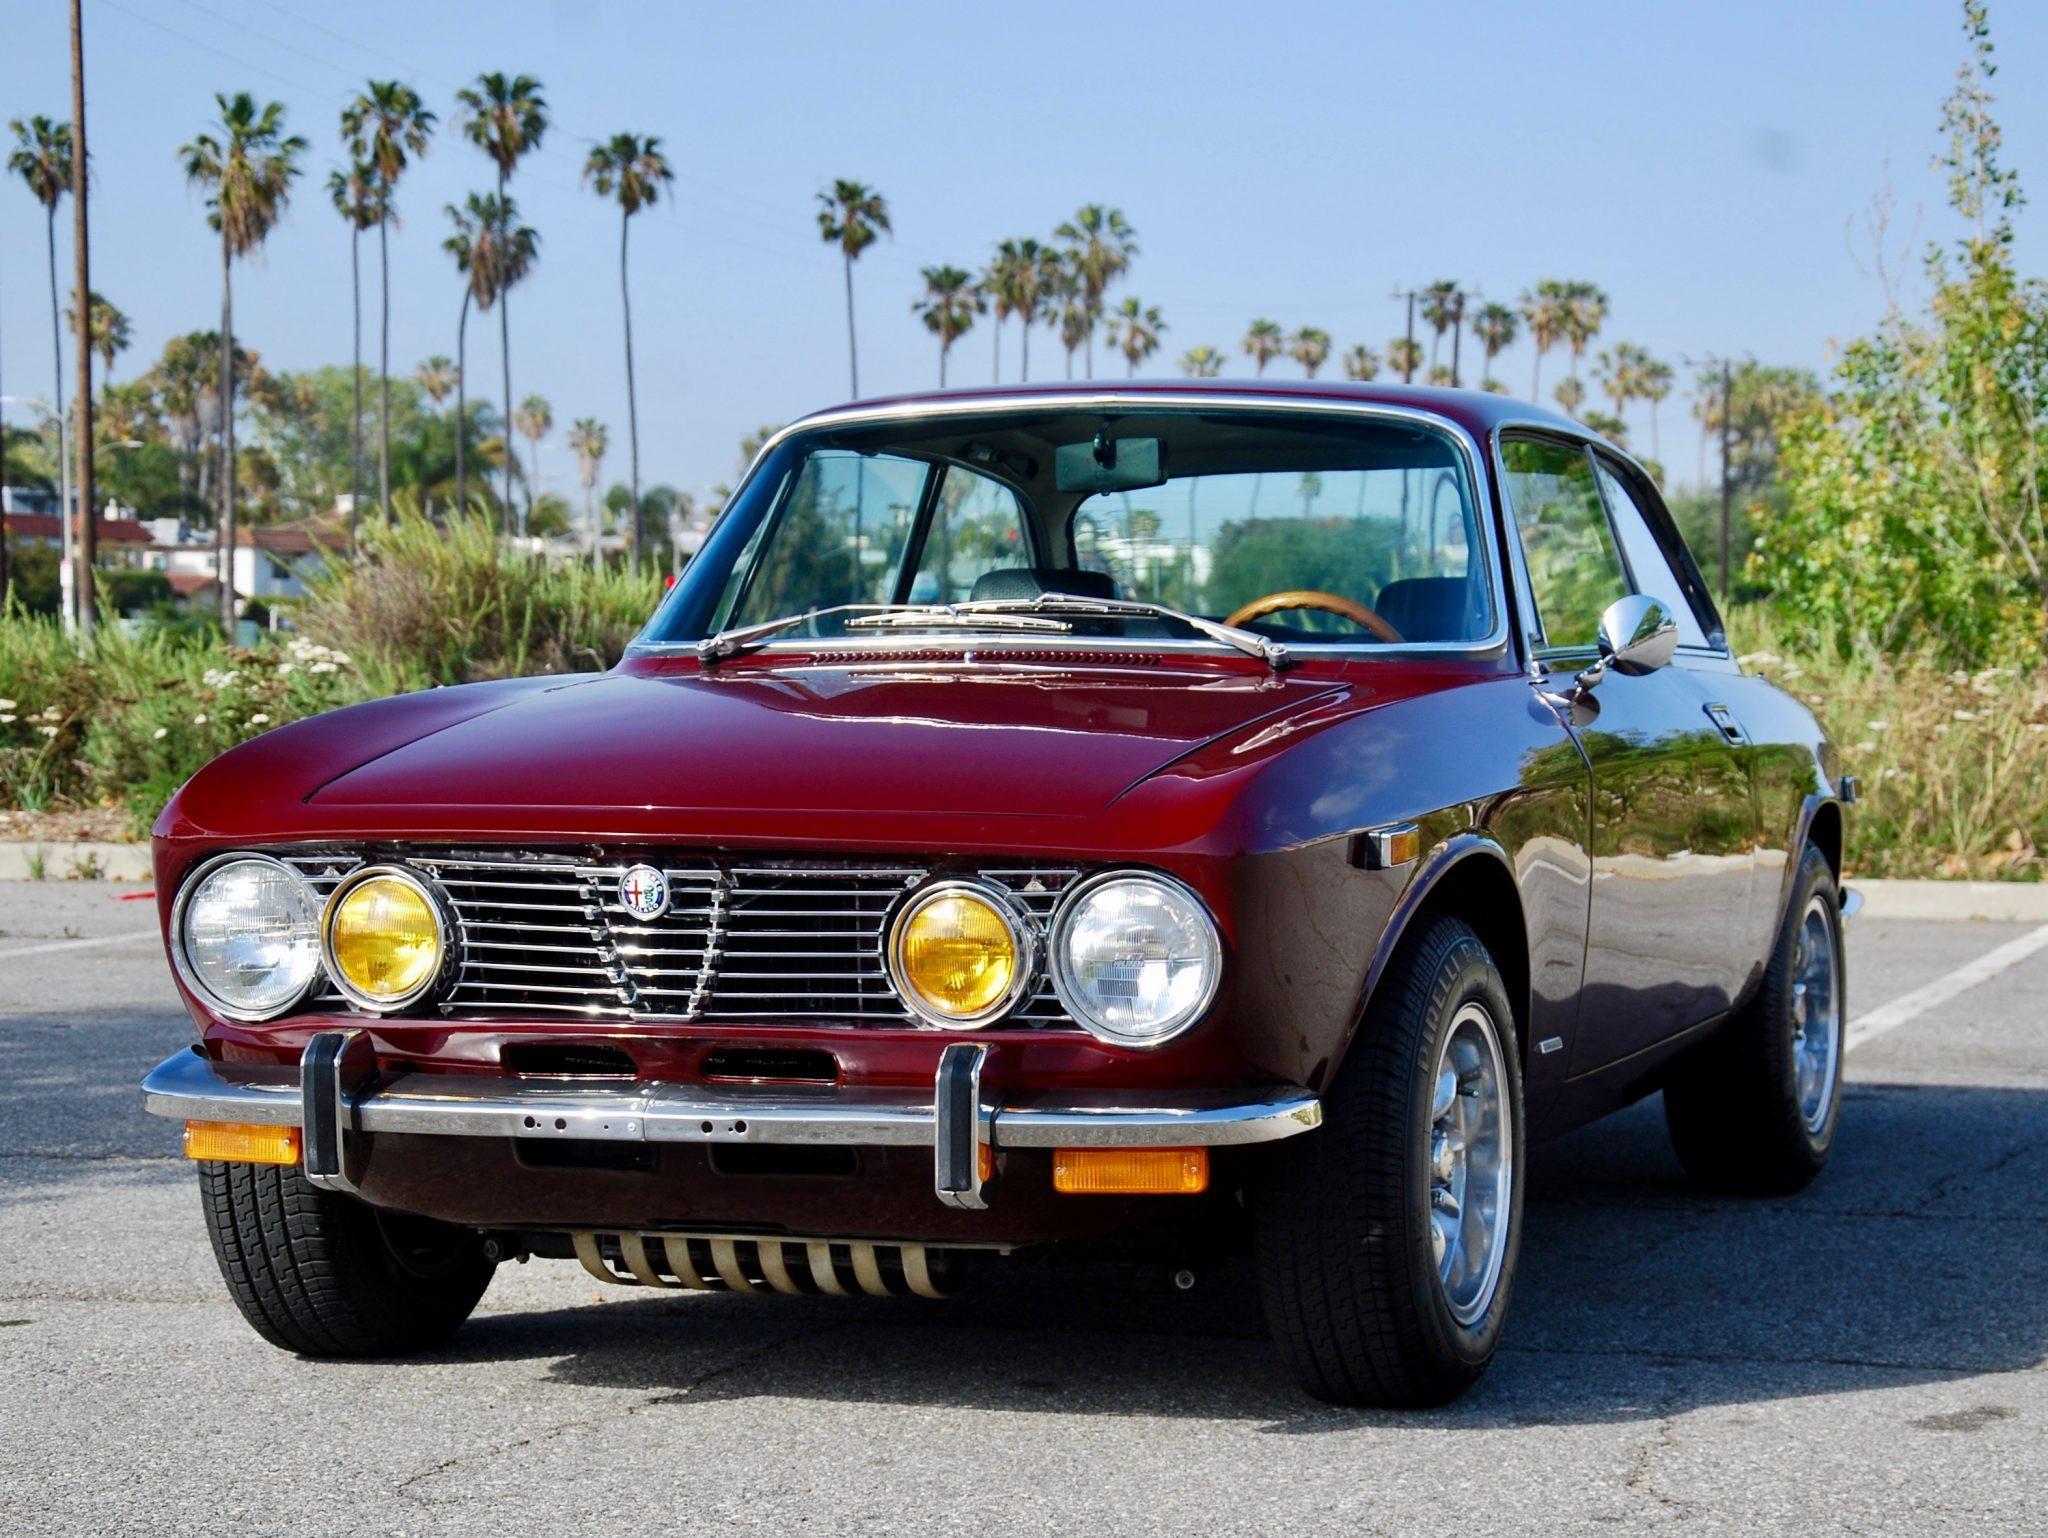 Alfa Romeo Gtv 2000 Hire Venice